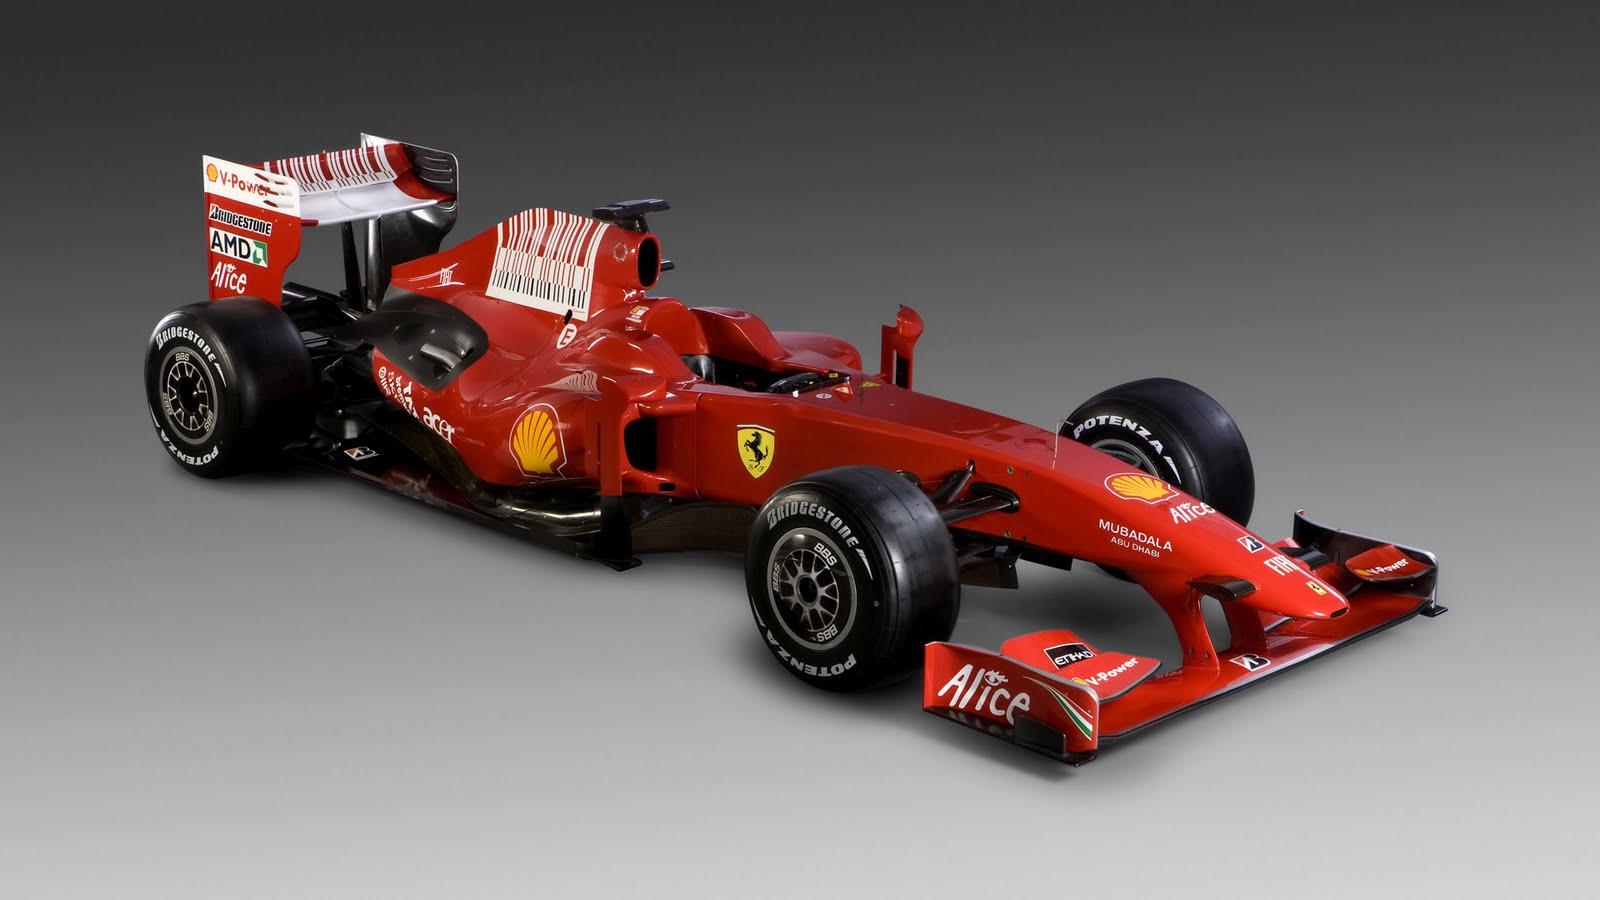 http://3.bp.blogspot.com/-LIv-palm0yA/Tmc3JDMsgTI/AAAAAAAABhM/Iwg08wDdvyQ/s1600/f1_race_car_1252.jpg